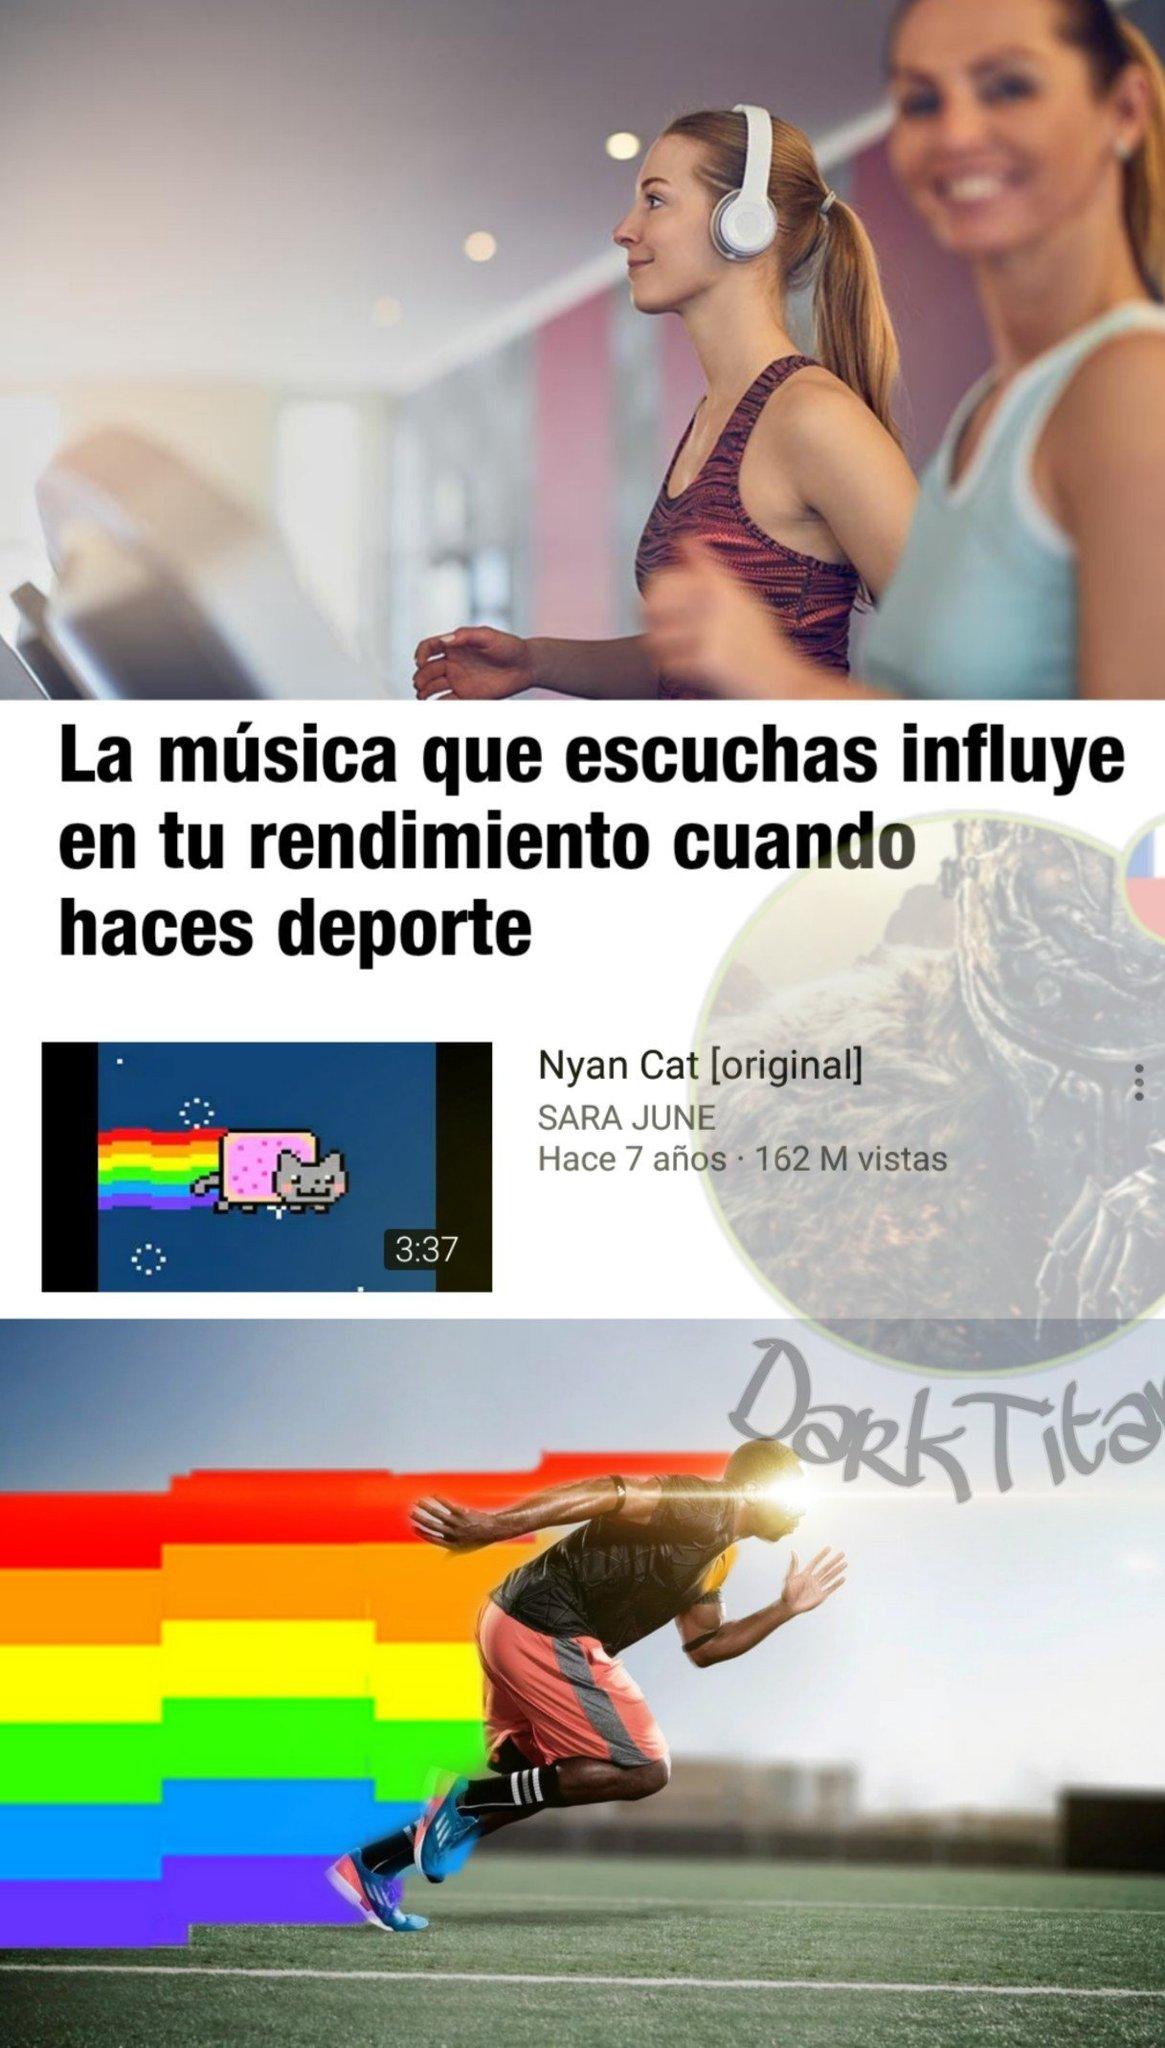 Nyan cat :D - meme